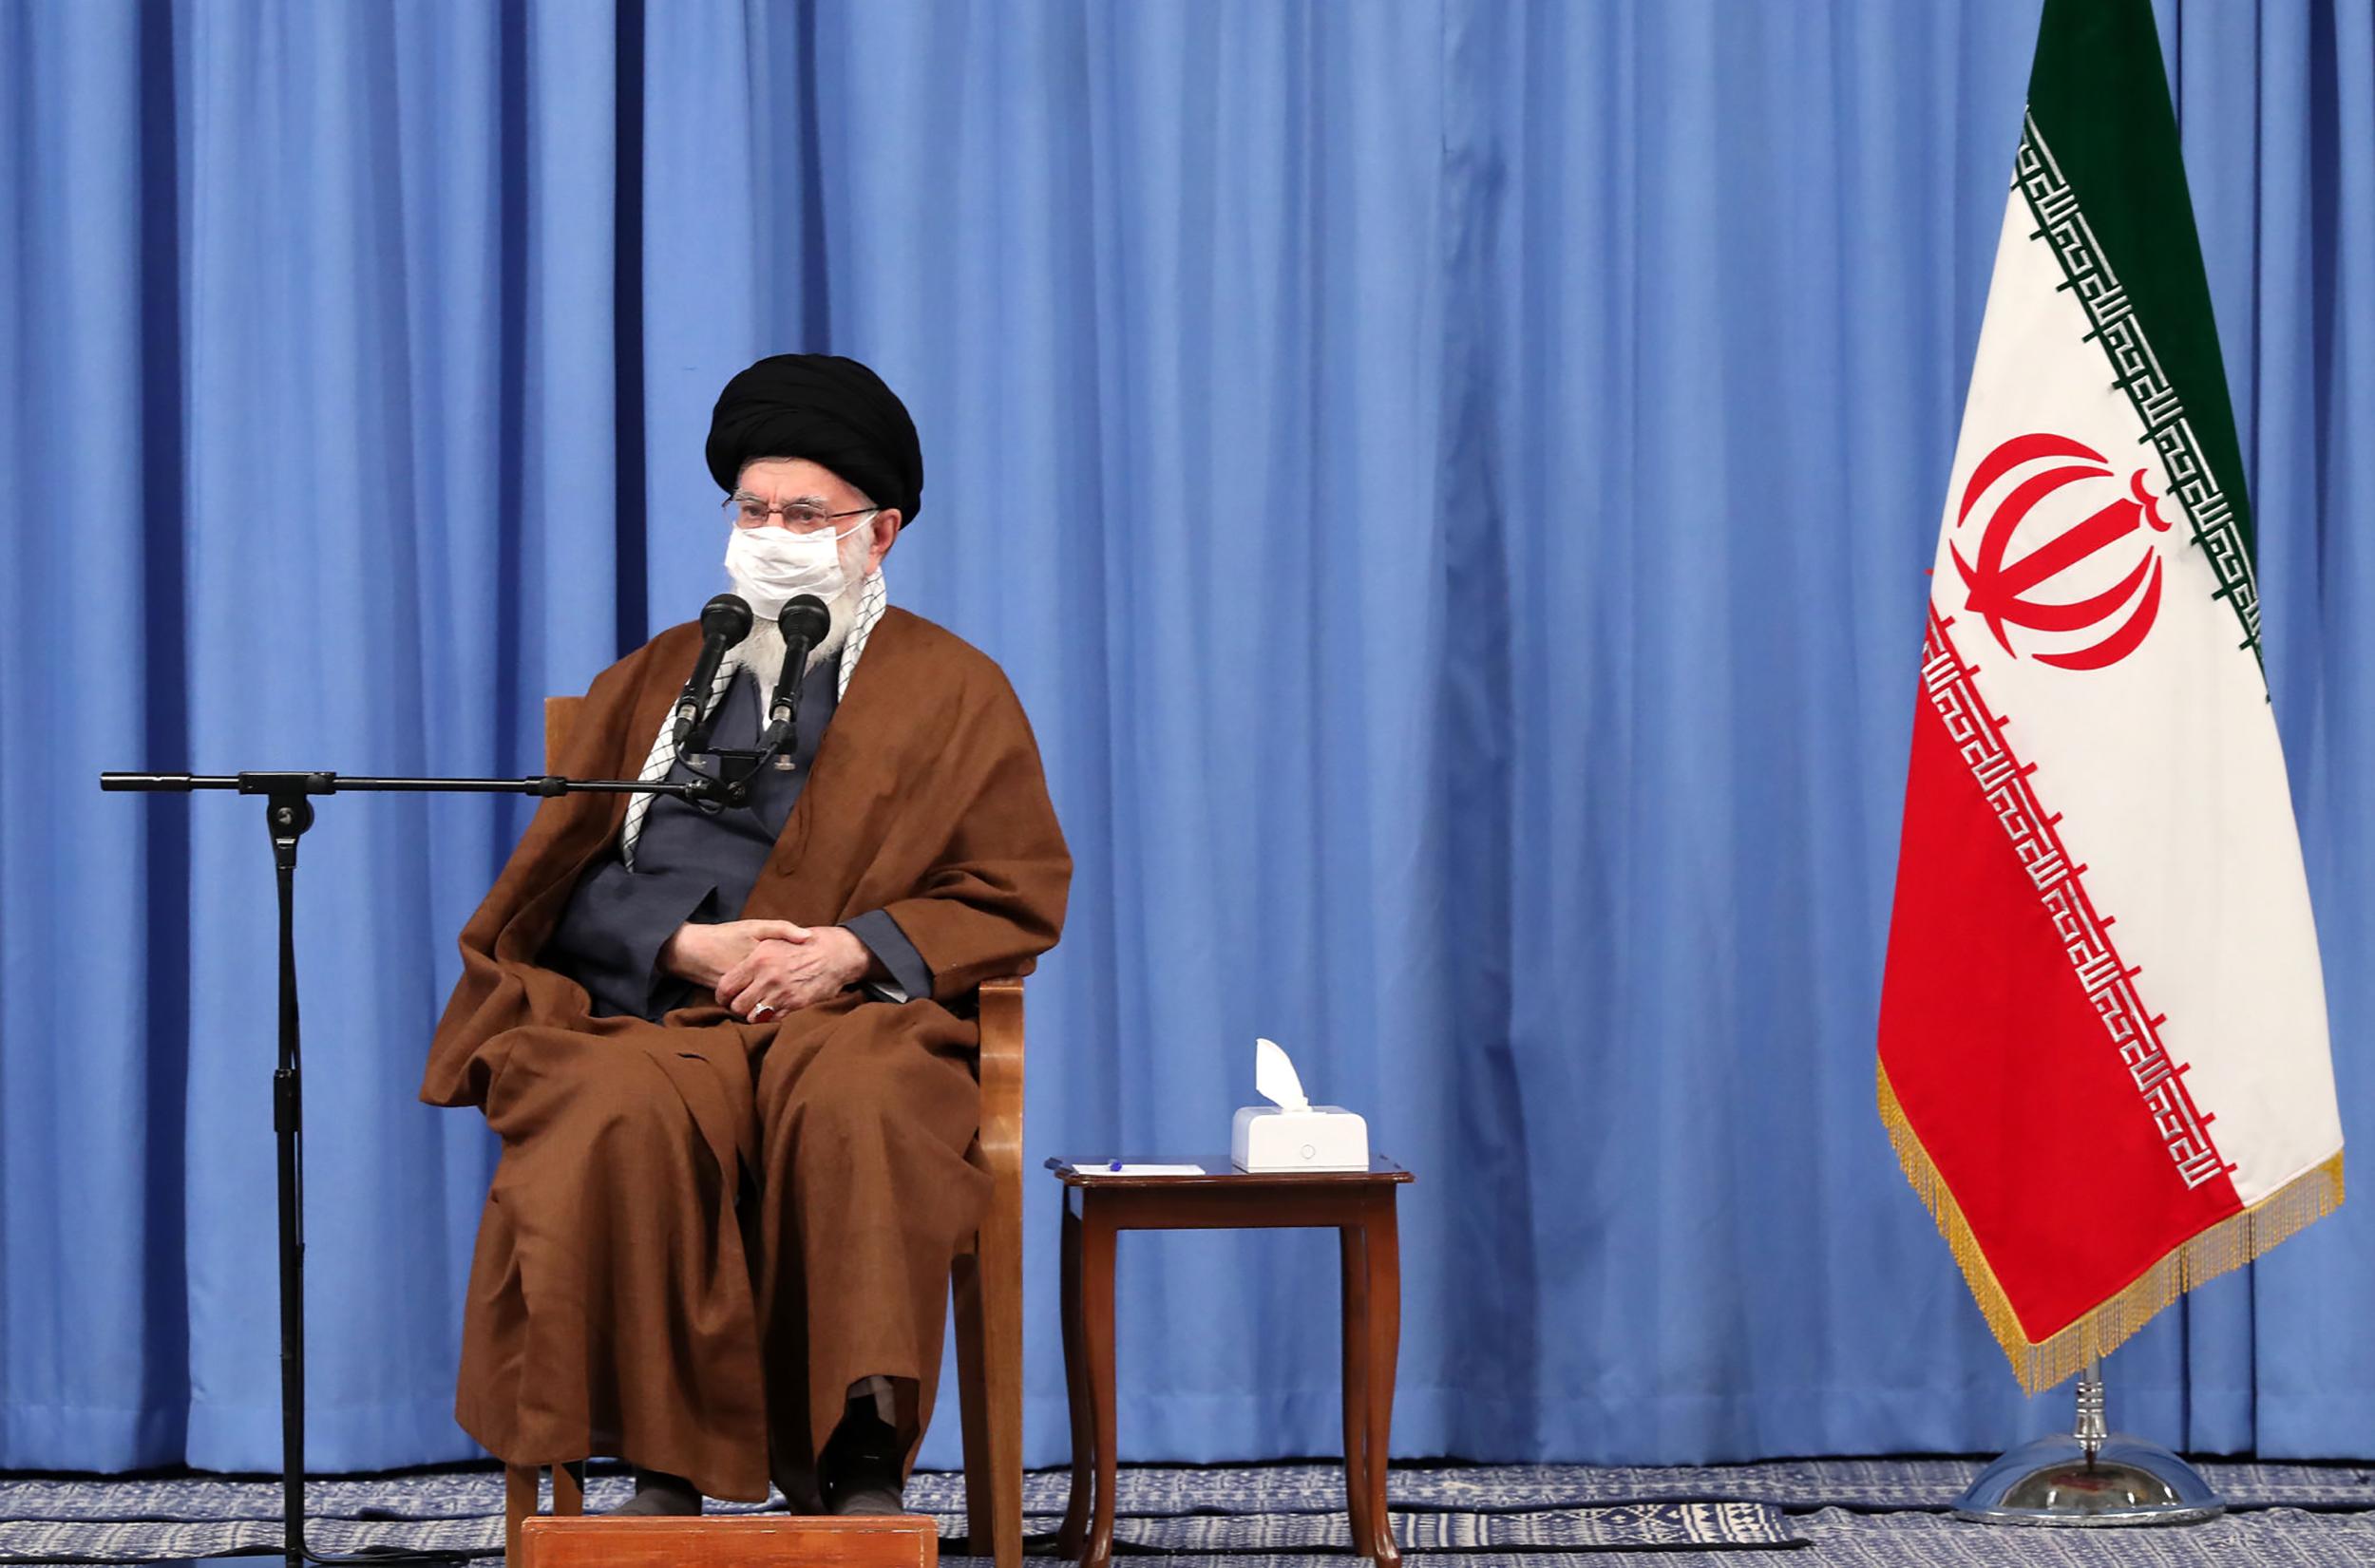 Iran's Supreme Leader Ayatollah Ali Khamenei attends a meeting on Oct. 24. (Khamenei.Ir/AFP via Getty Images)